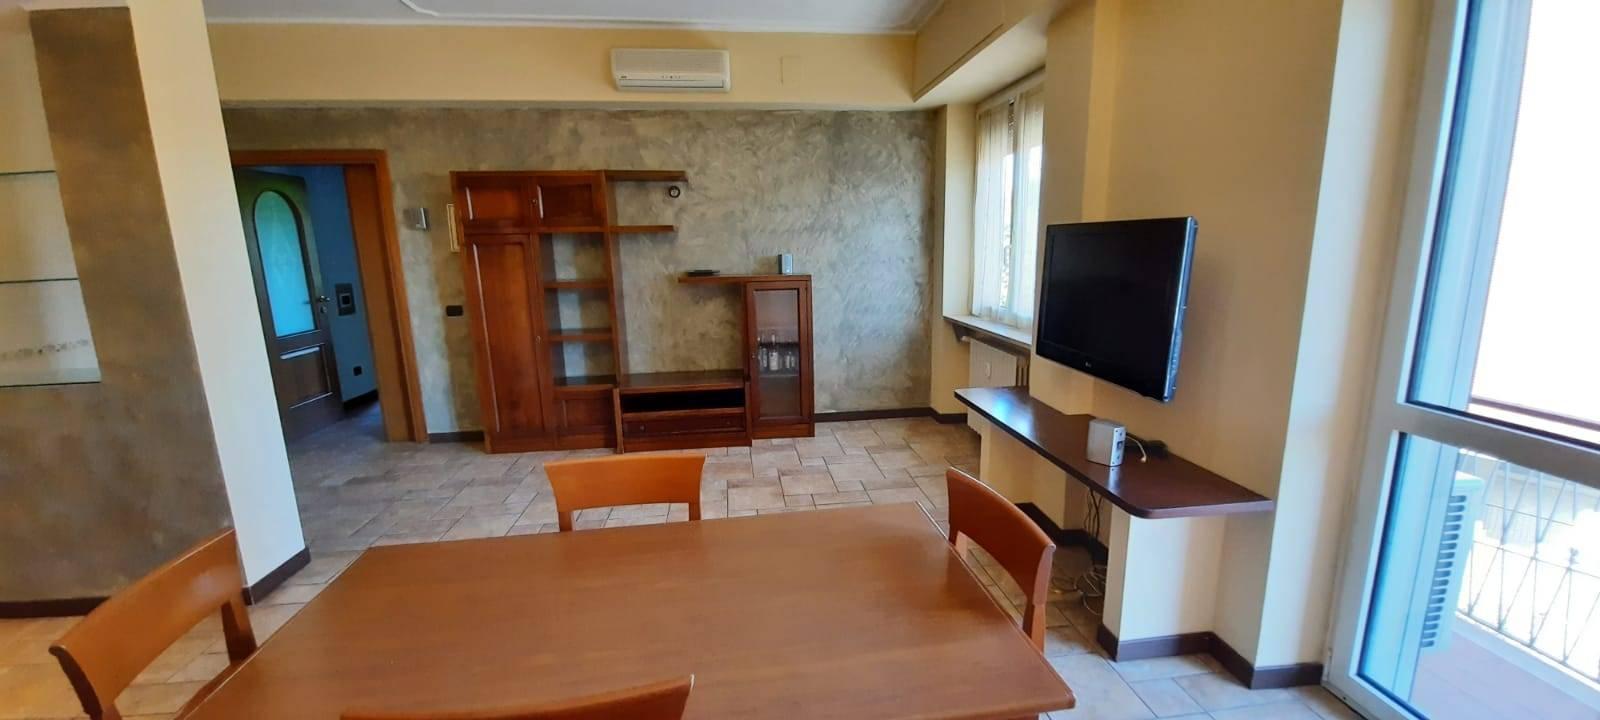 Appartamento in vendita a Buccinasco, 3 locali, prezzo € 275.000 | CambioCasa.it